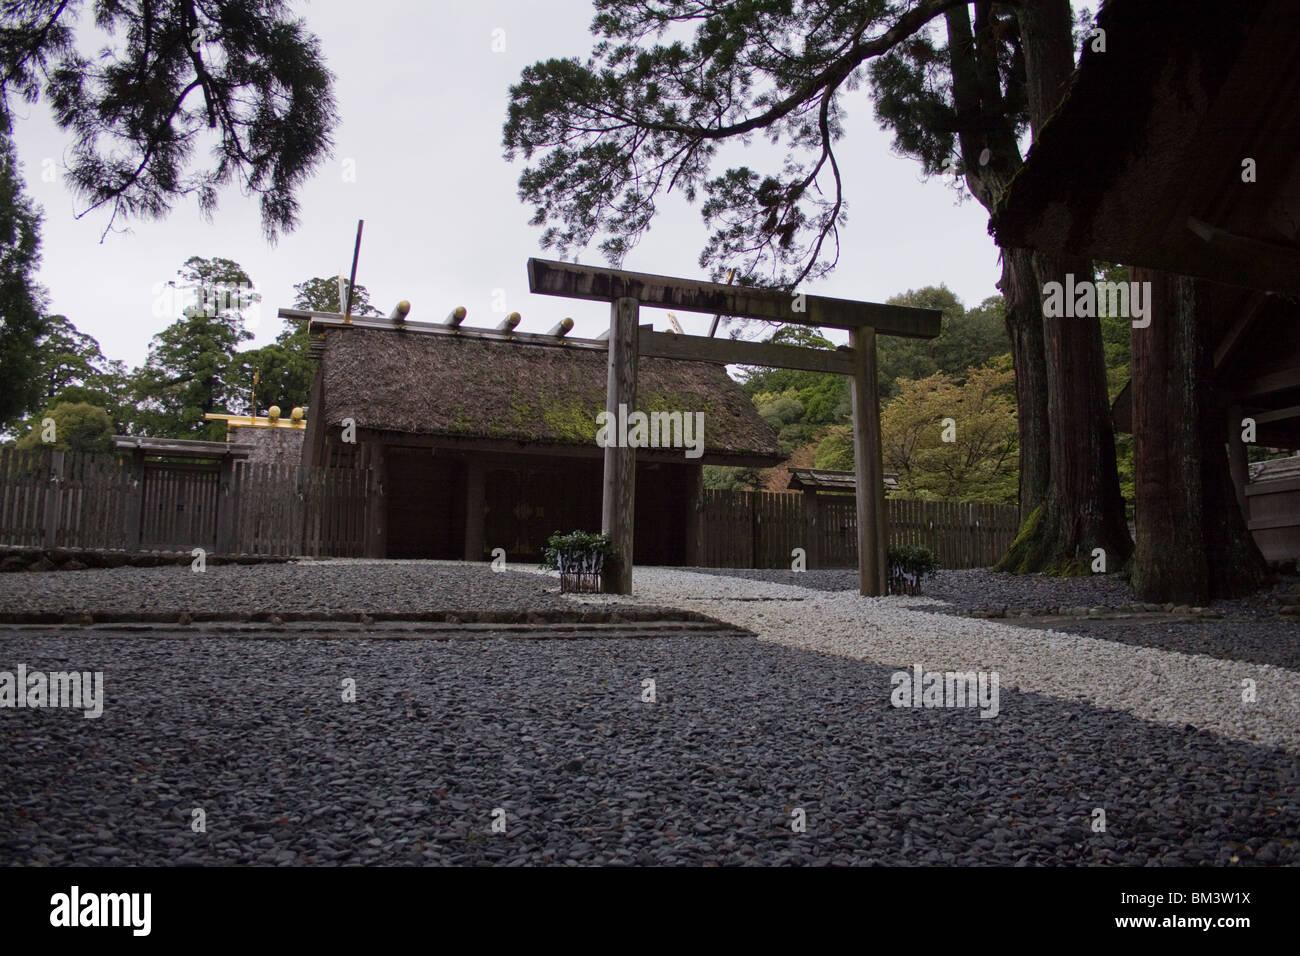 Ise Grand Shinto Shrine, Ise, Japan. - Stock Image